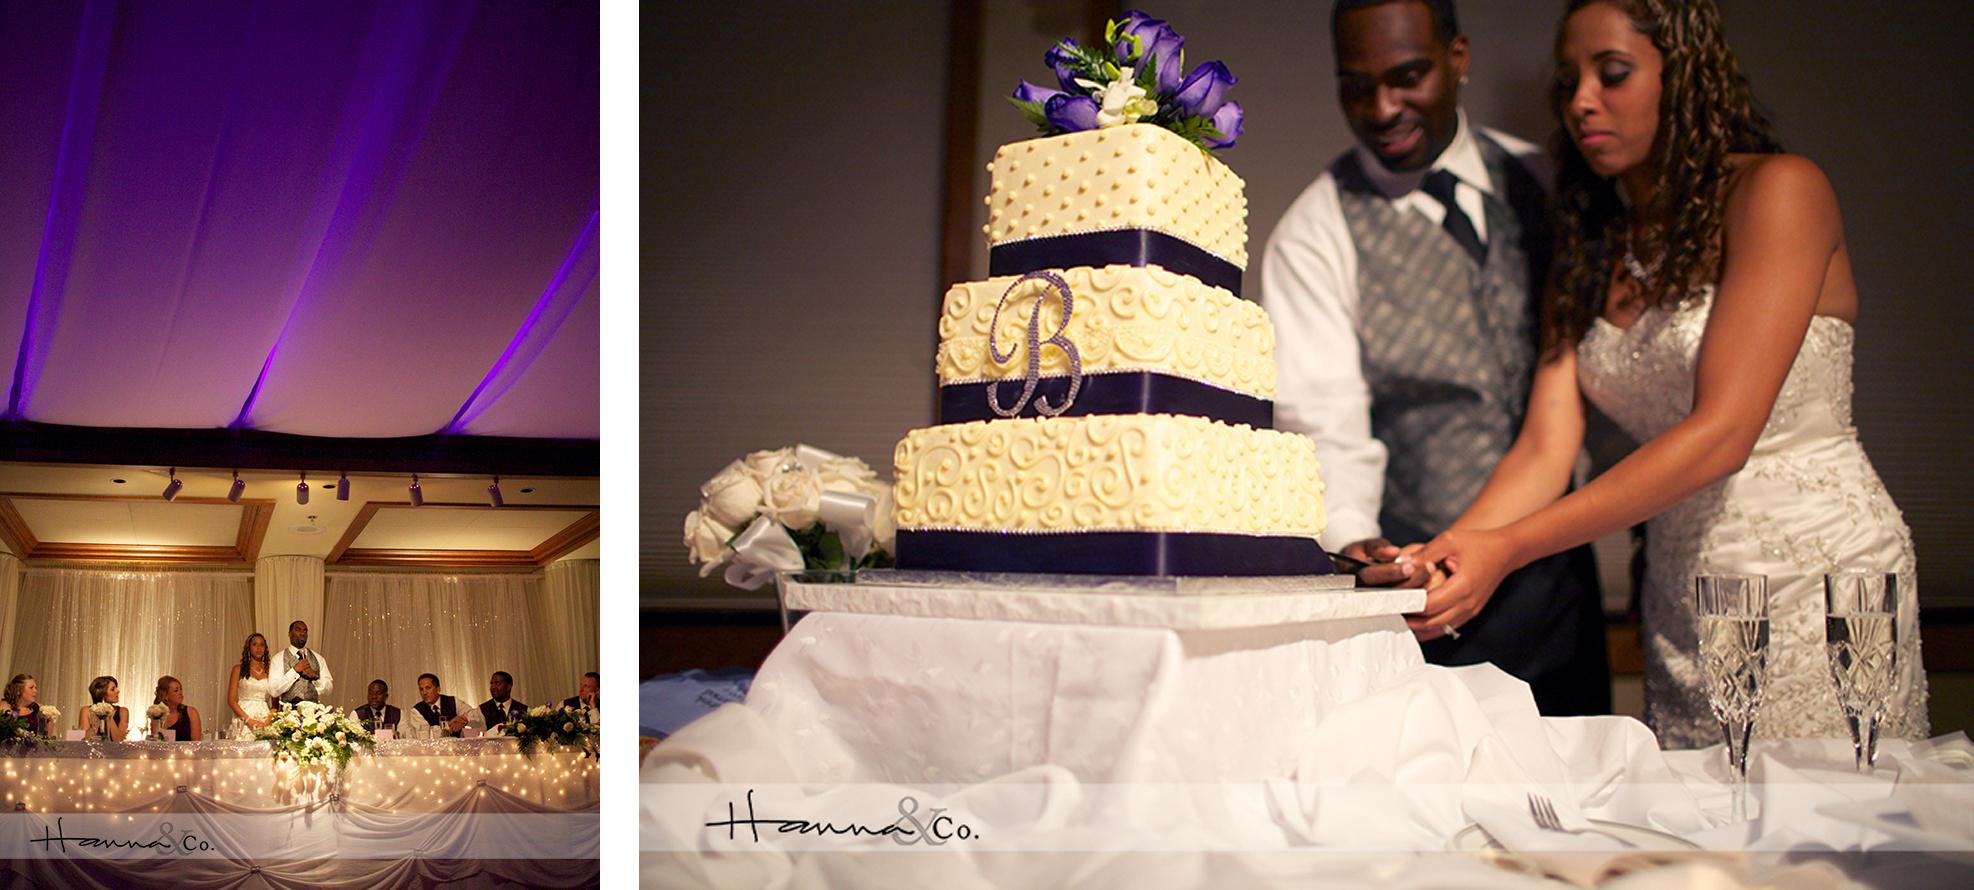 A Country Club Wedding in Medford, Oregon – The Wedding | Chris ...